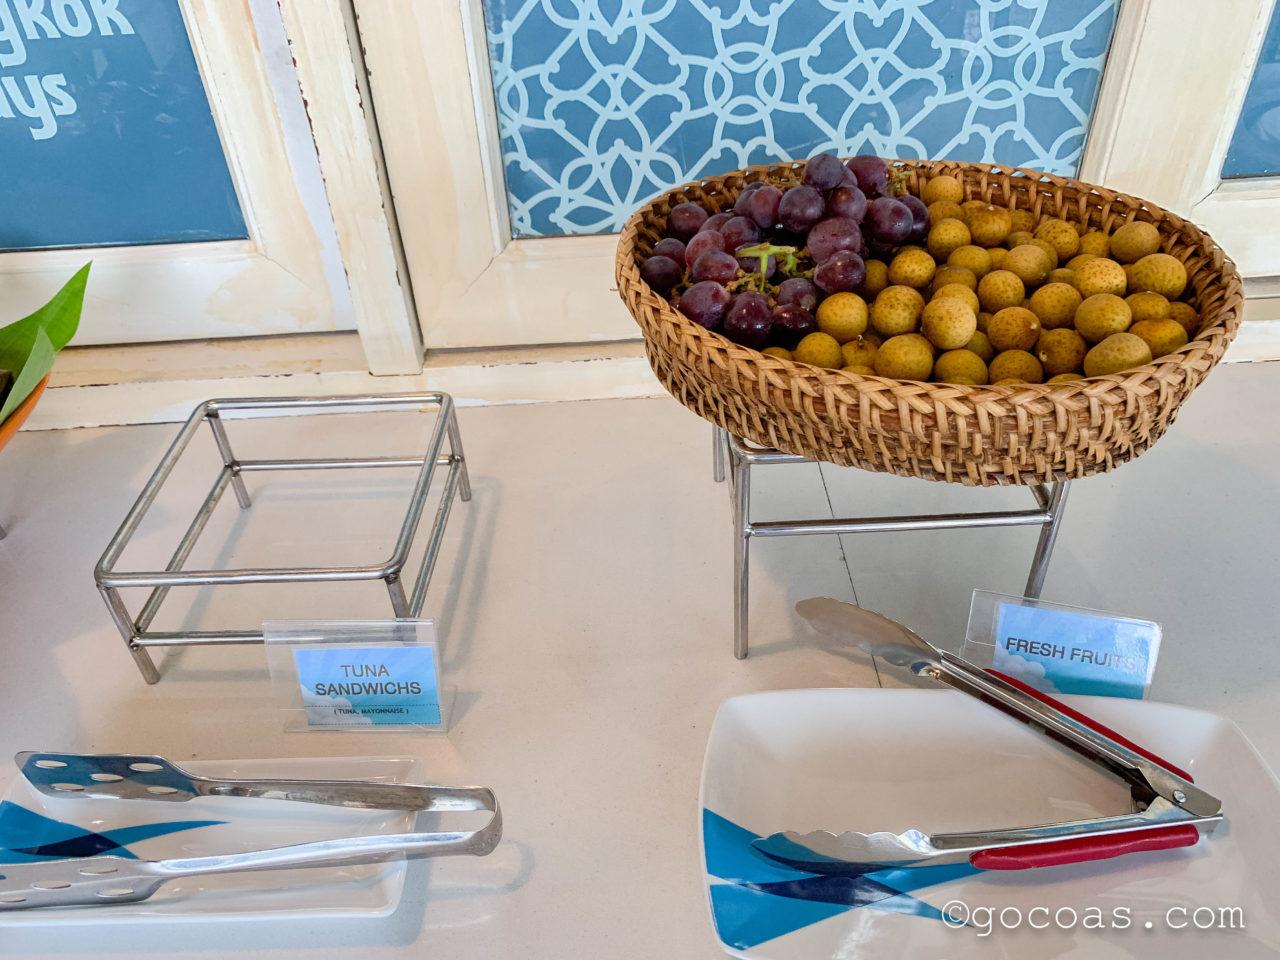 ルアンパバーン国際空港のBANGKOK AIRWAYS LUANG PRABANG LOUNGEのフレッシュフルーツとツナサンドイッチの棚